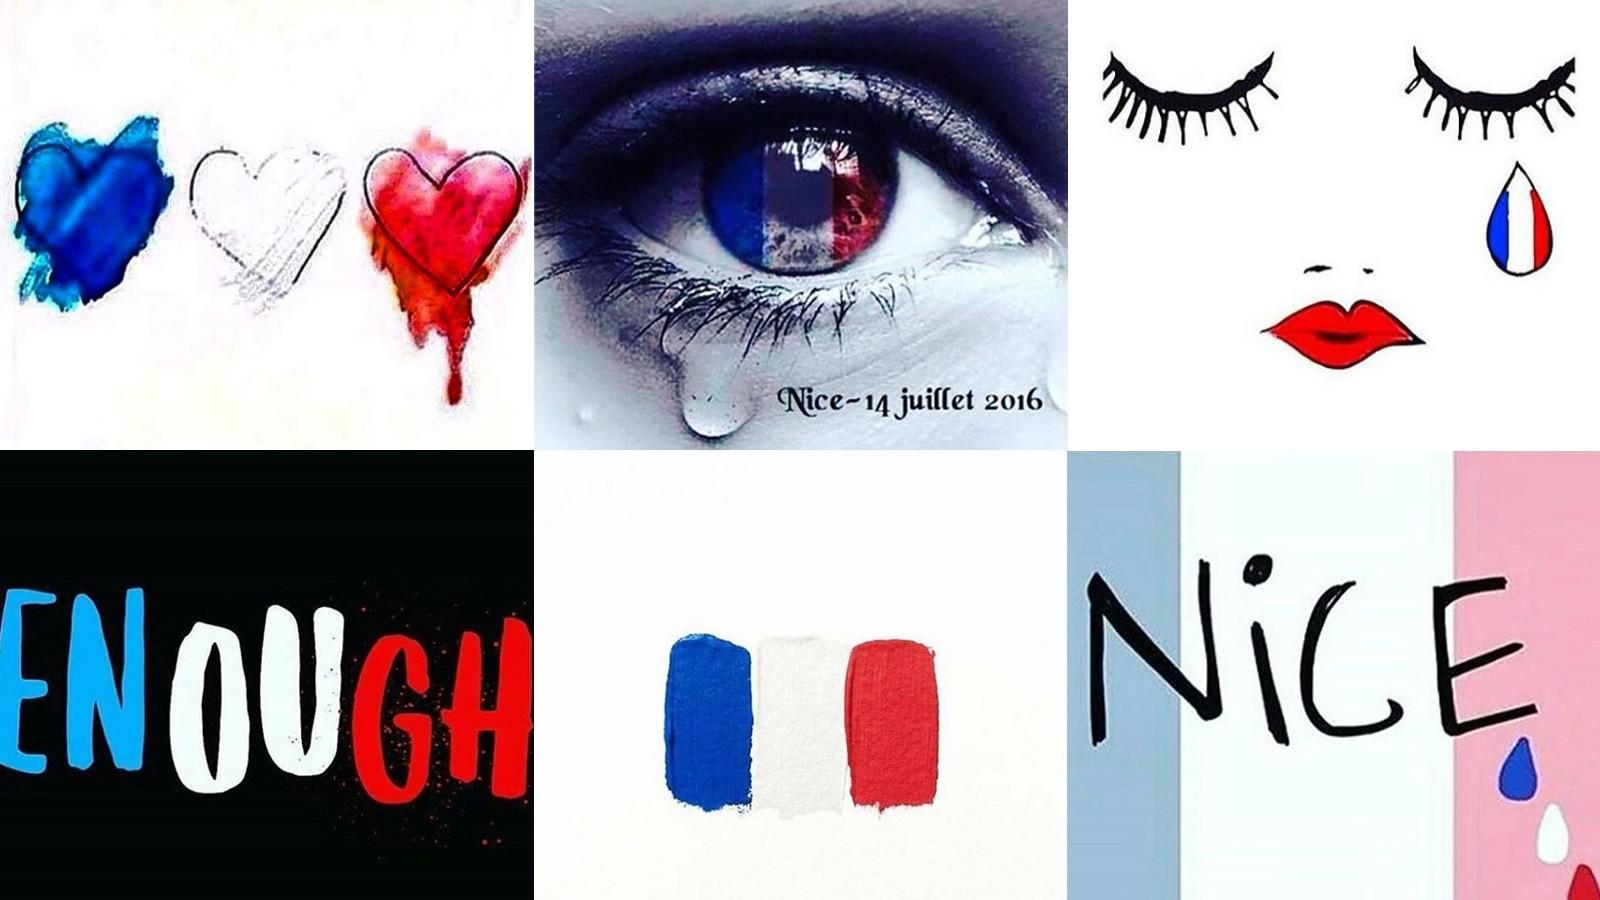 Flere markerer sin medfølelse på sosiale medier med profilbilder i franske farger.